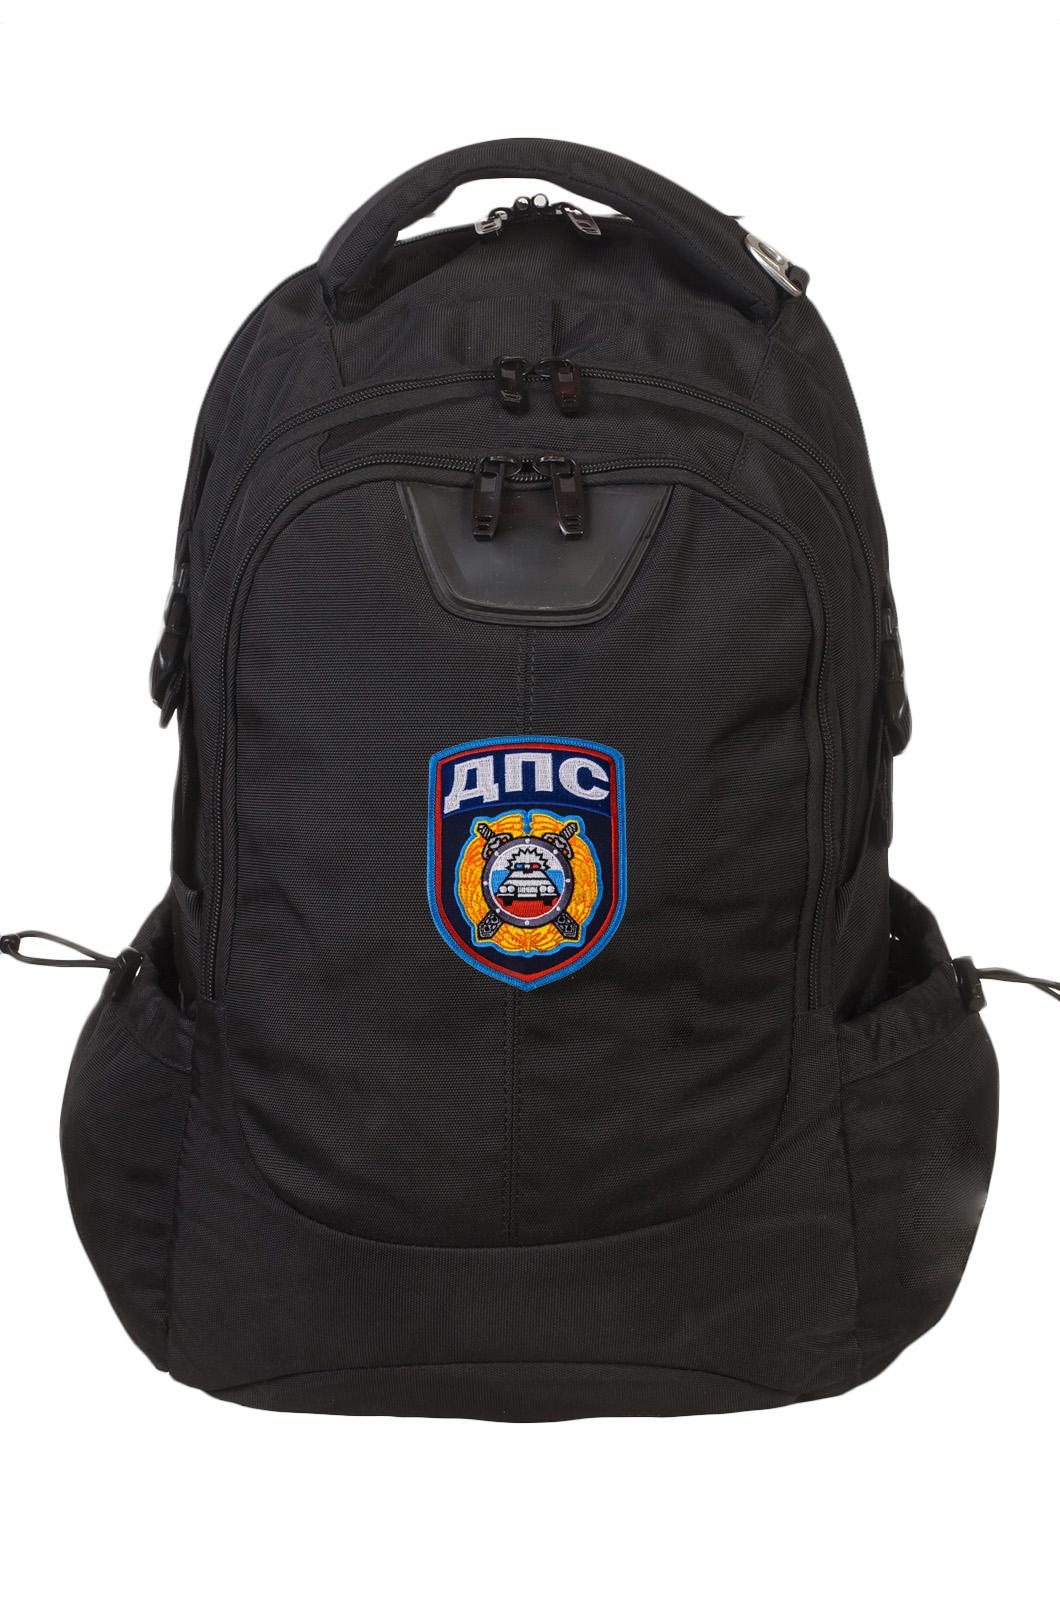 Черный универсальный рюкзак с нашивкой ДПС